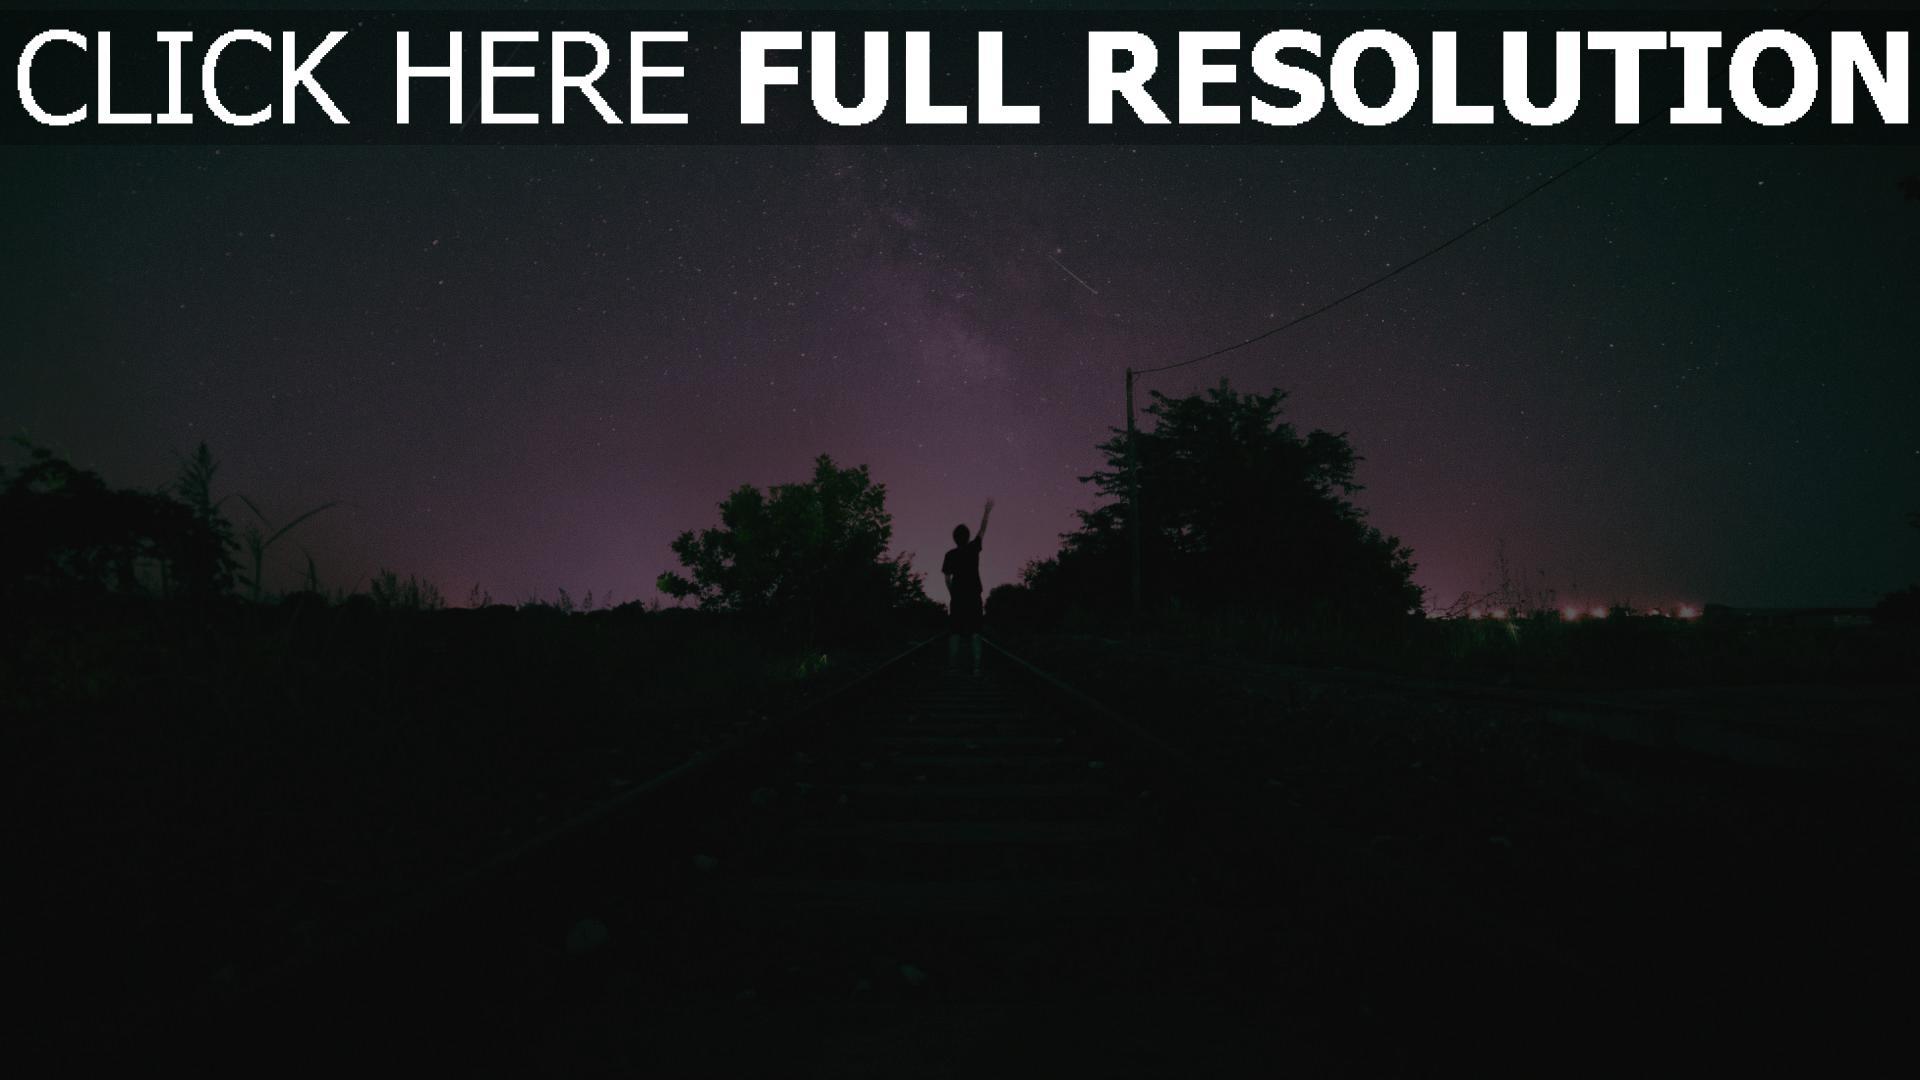 hd hintergrundbilder nacht sternenhimmel mann eisenbahn 1920x1080